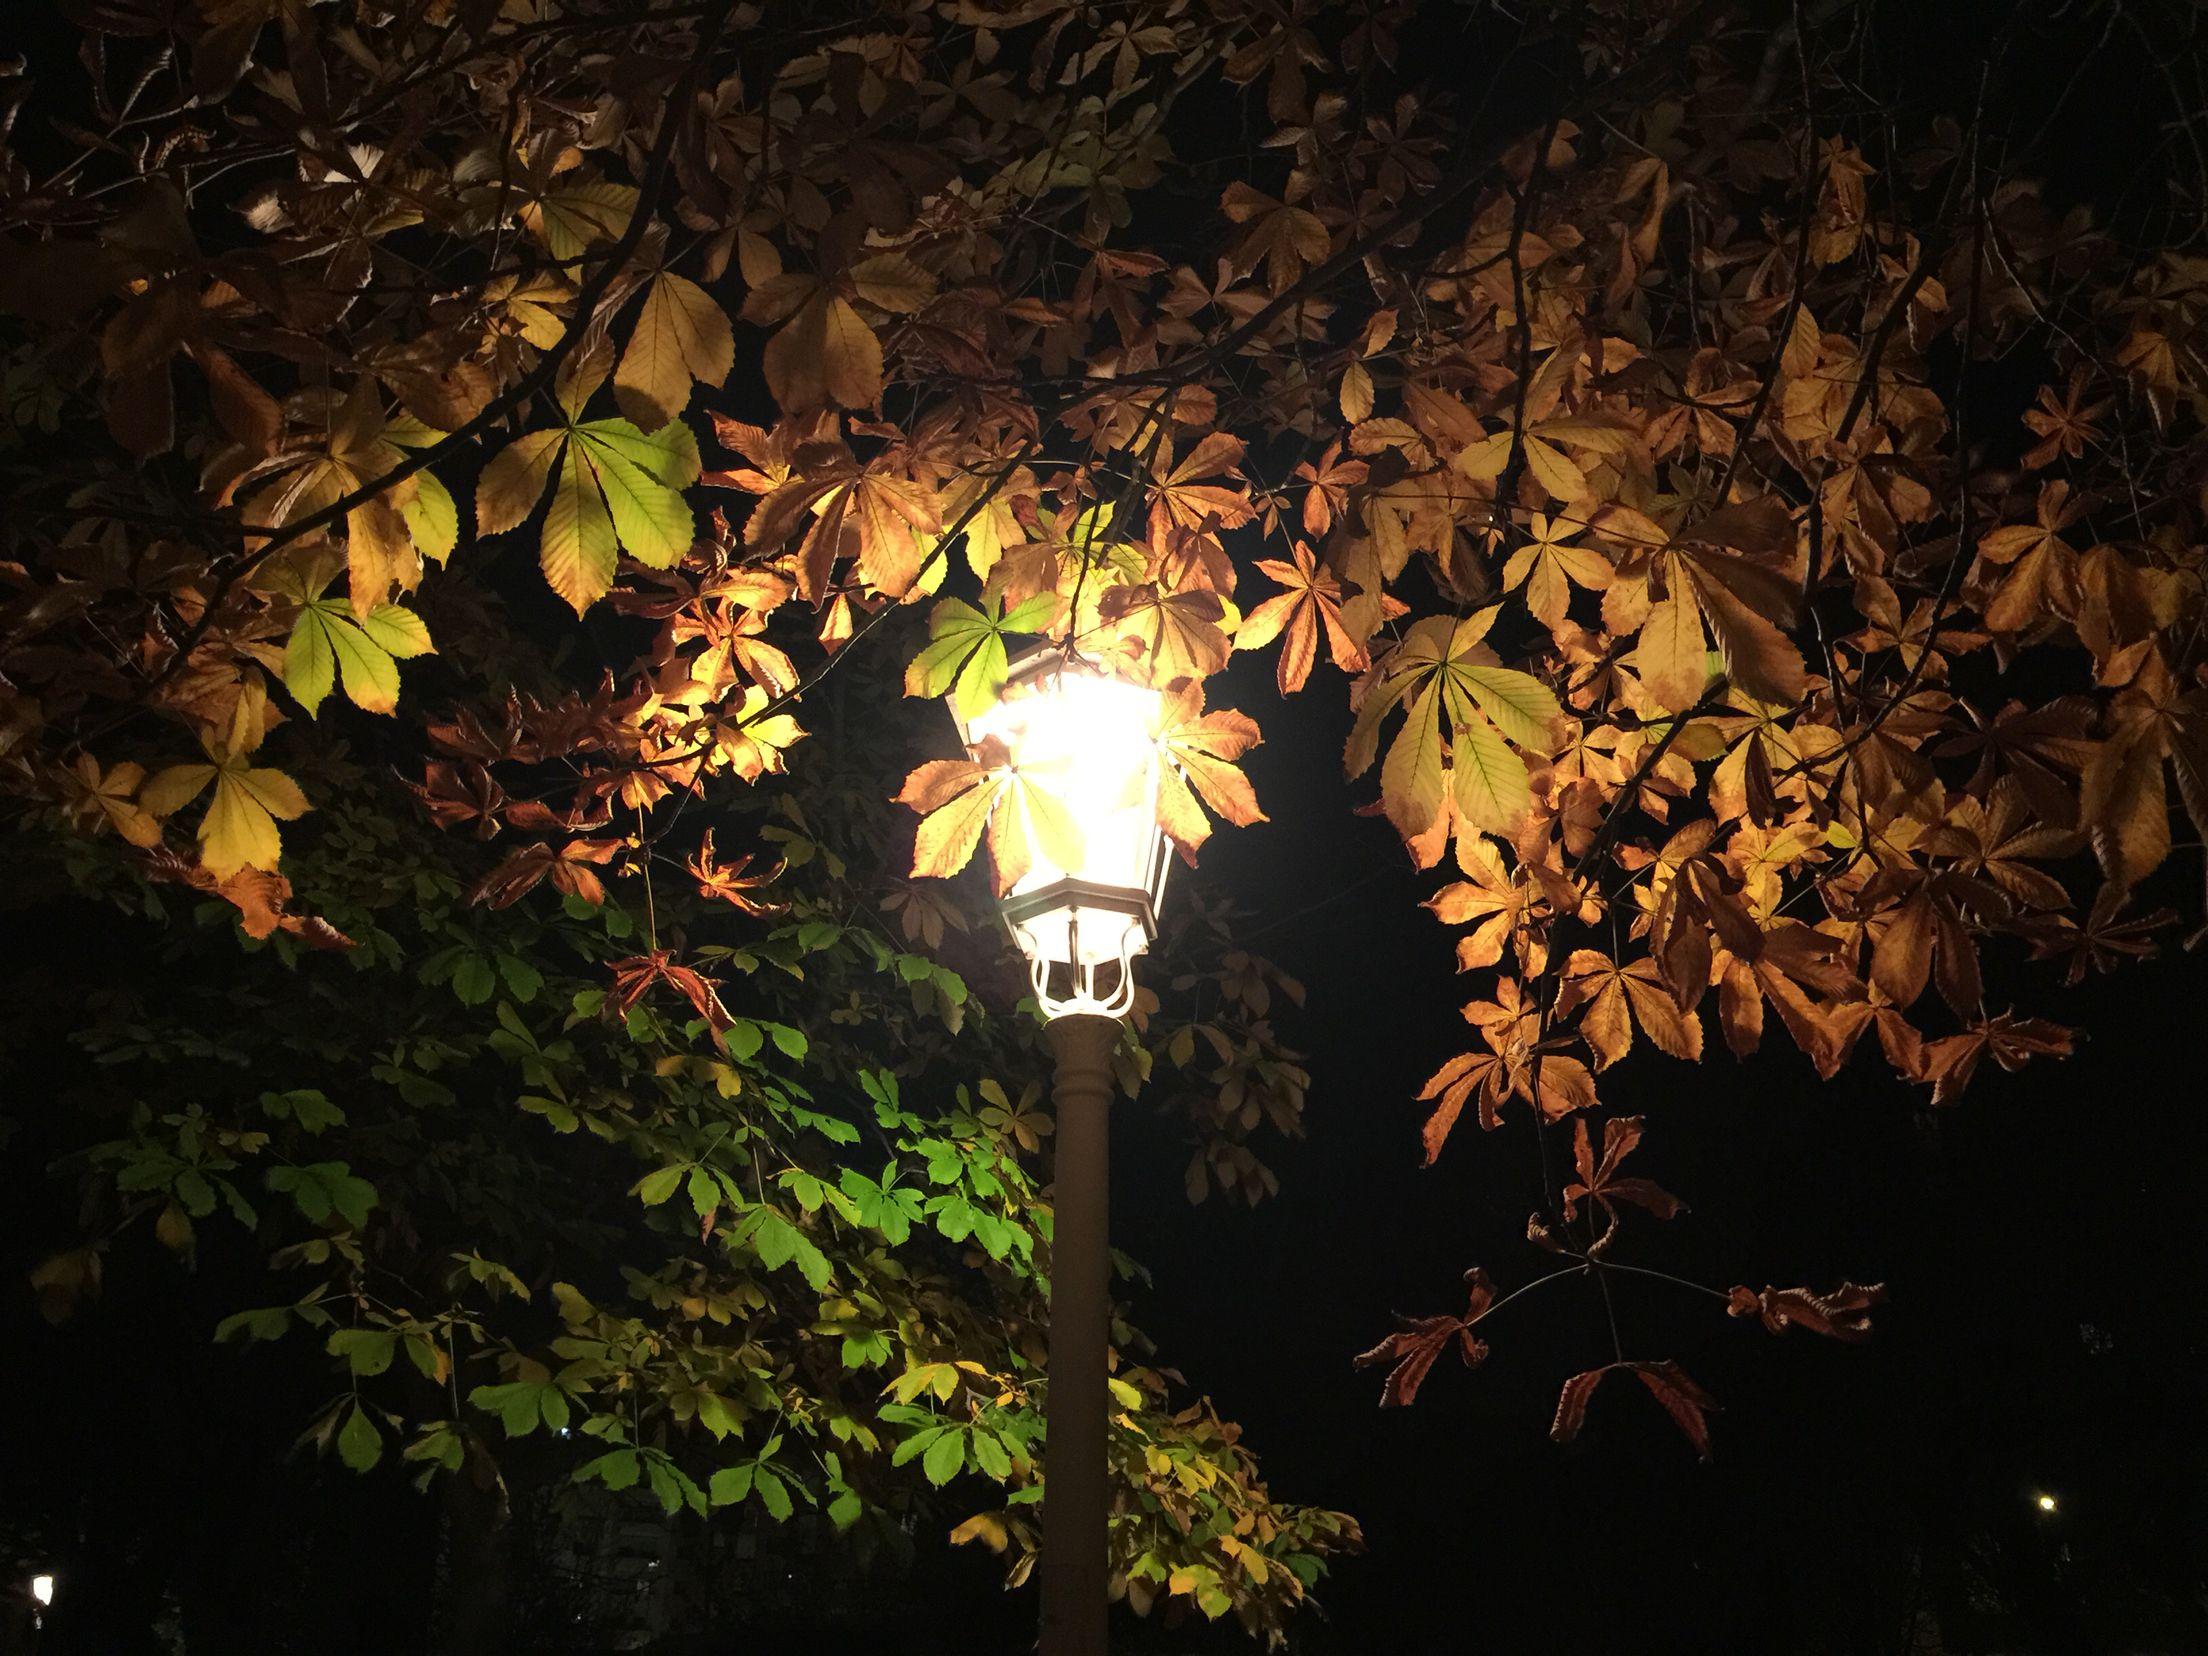 Cae la noche y el otoño...